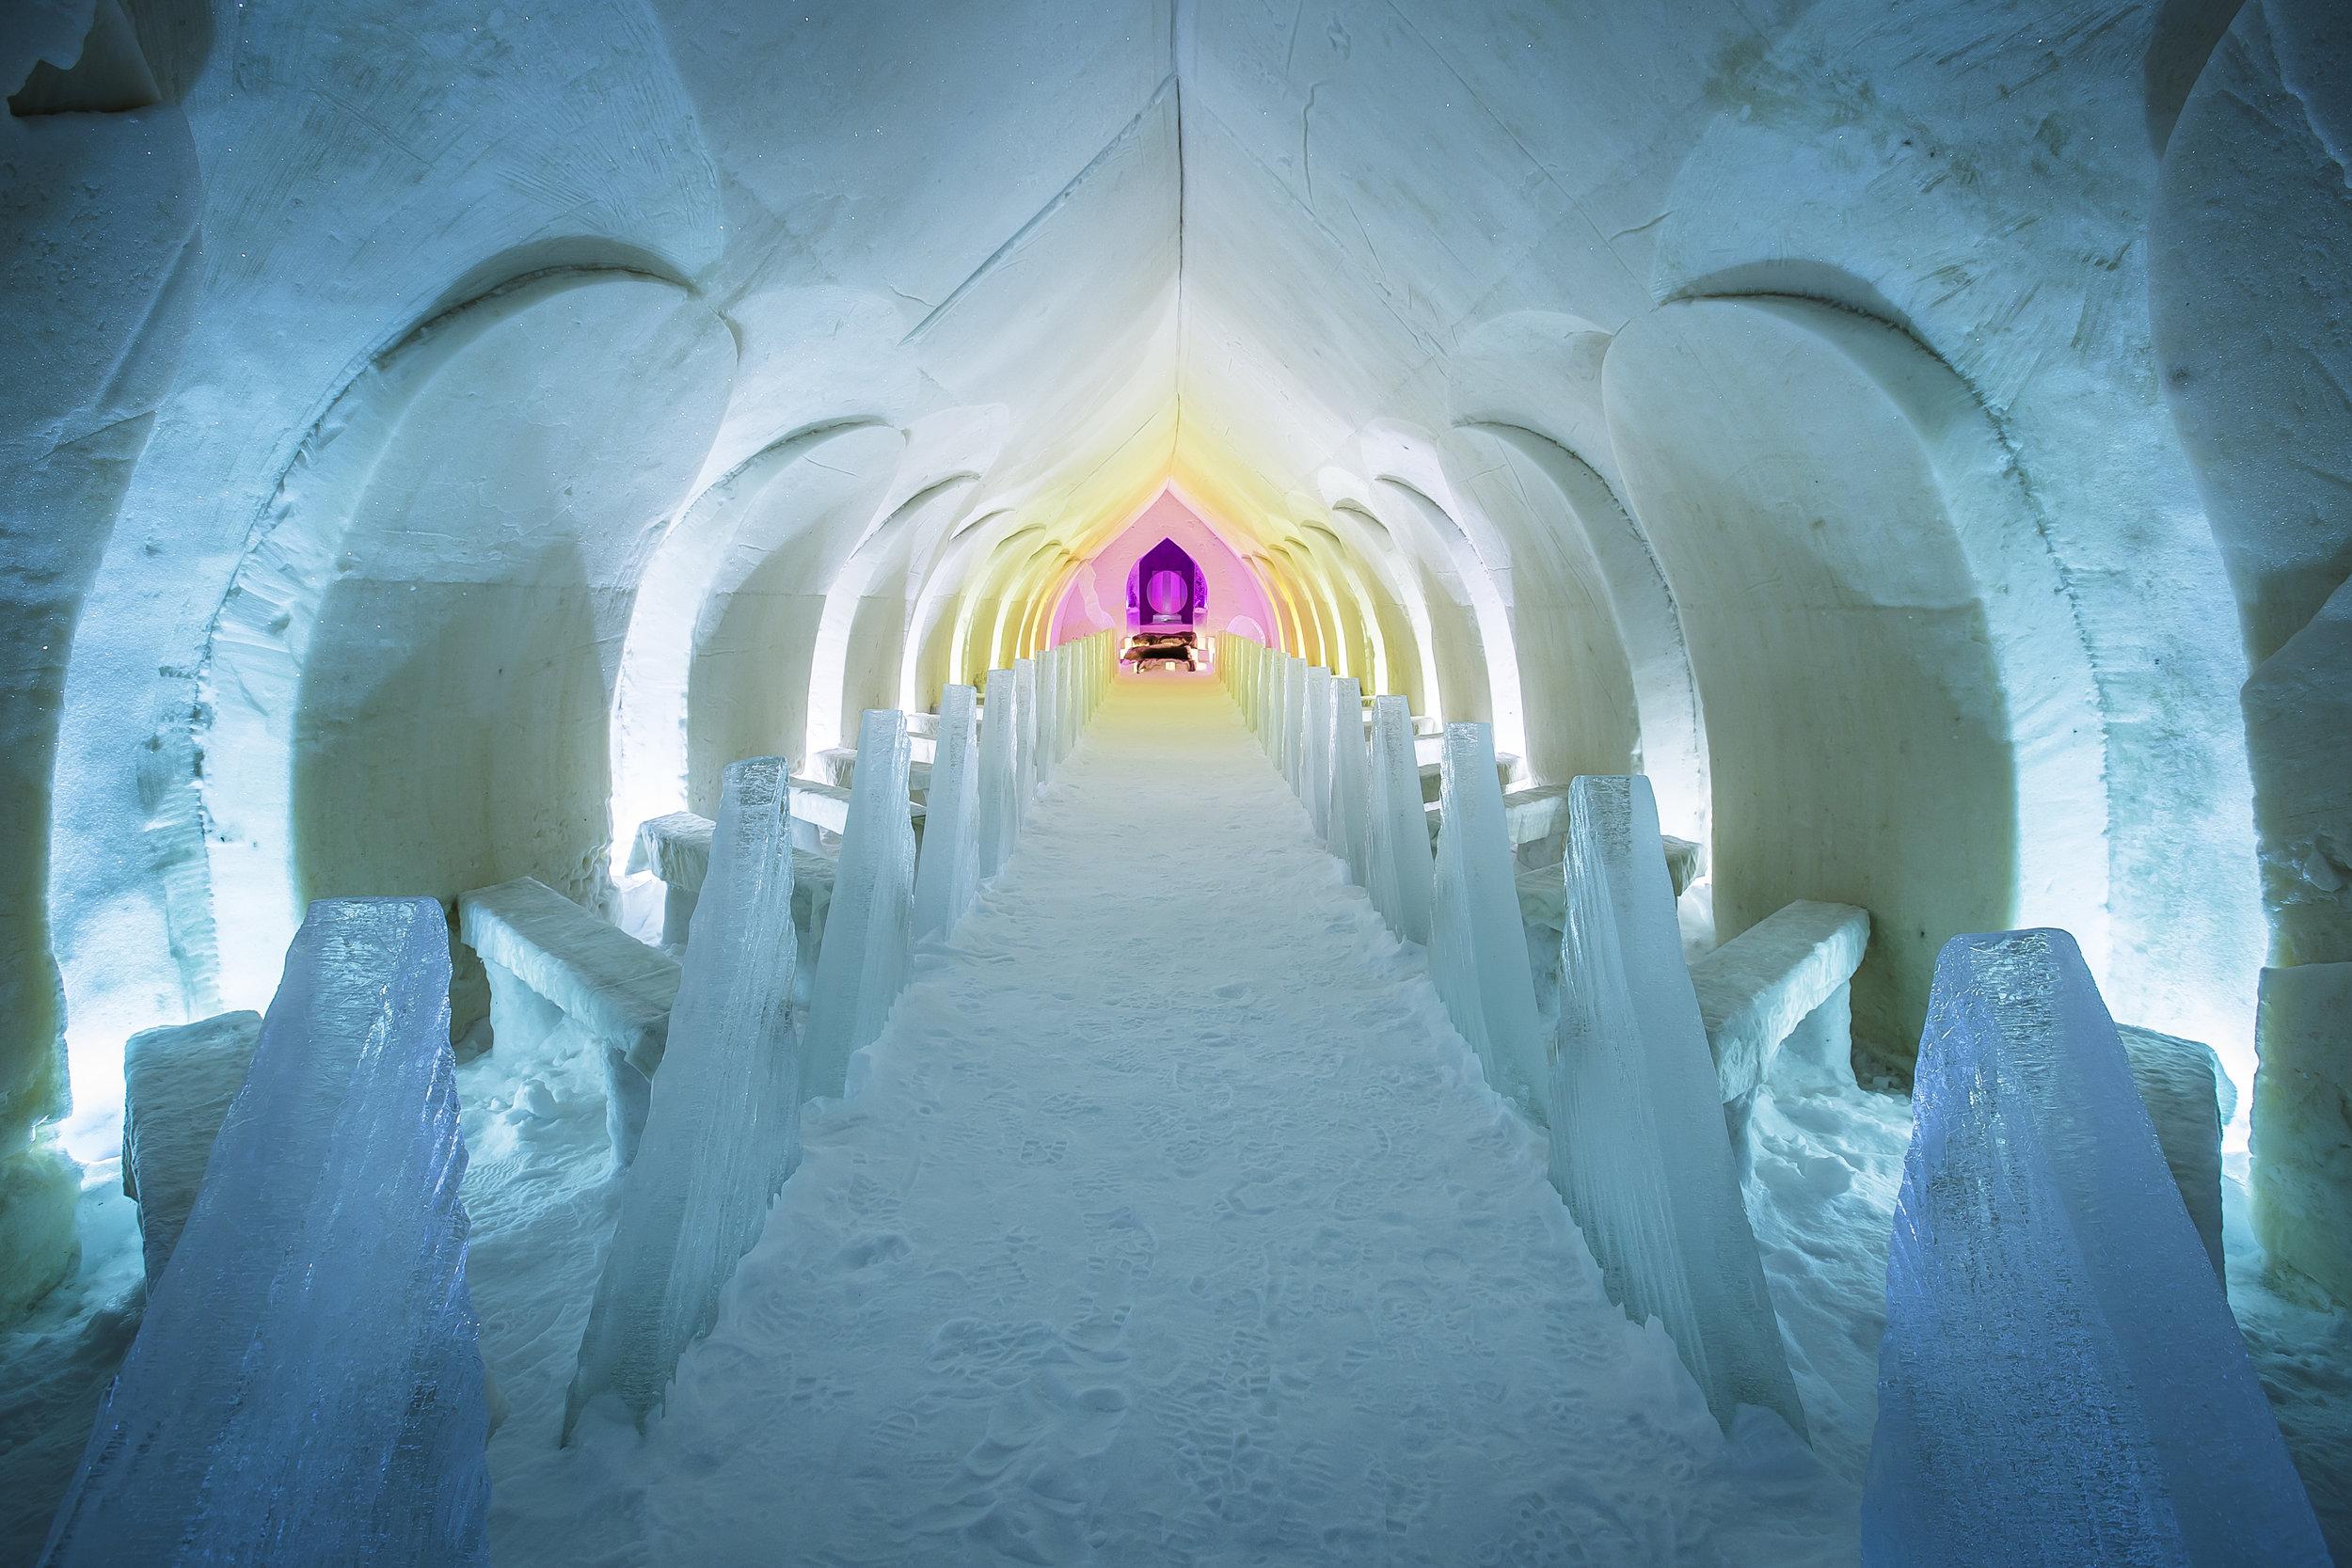 The chapel at Rovaniemi's snow hotel. Copyright: ©Visit Rovaniemi (Rovaniemi Tourism & Marketing Ltd.